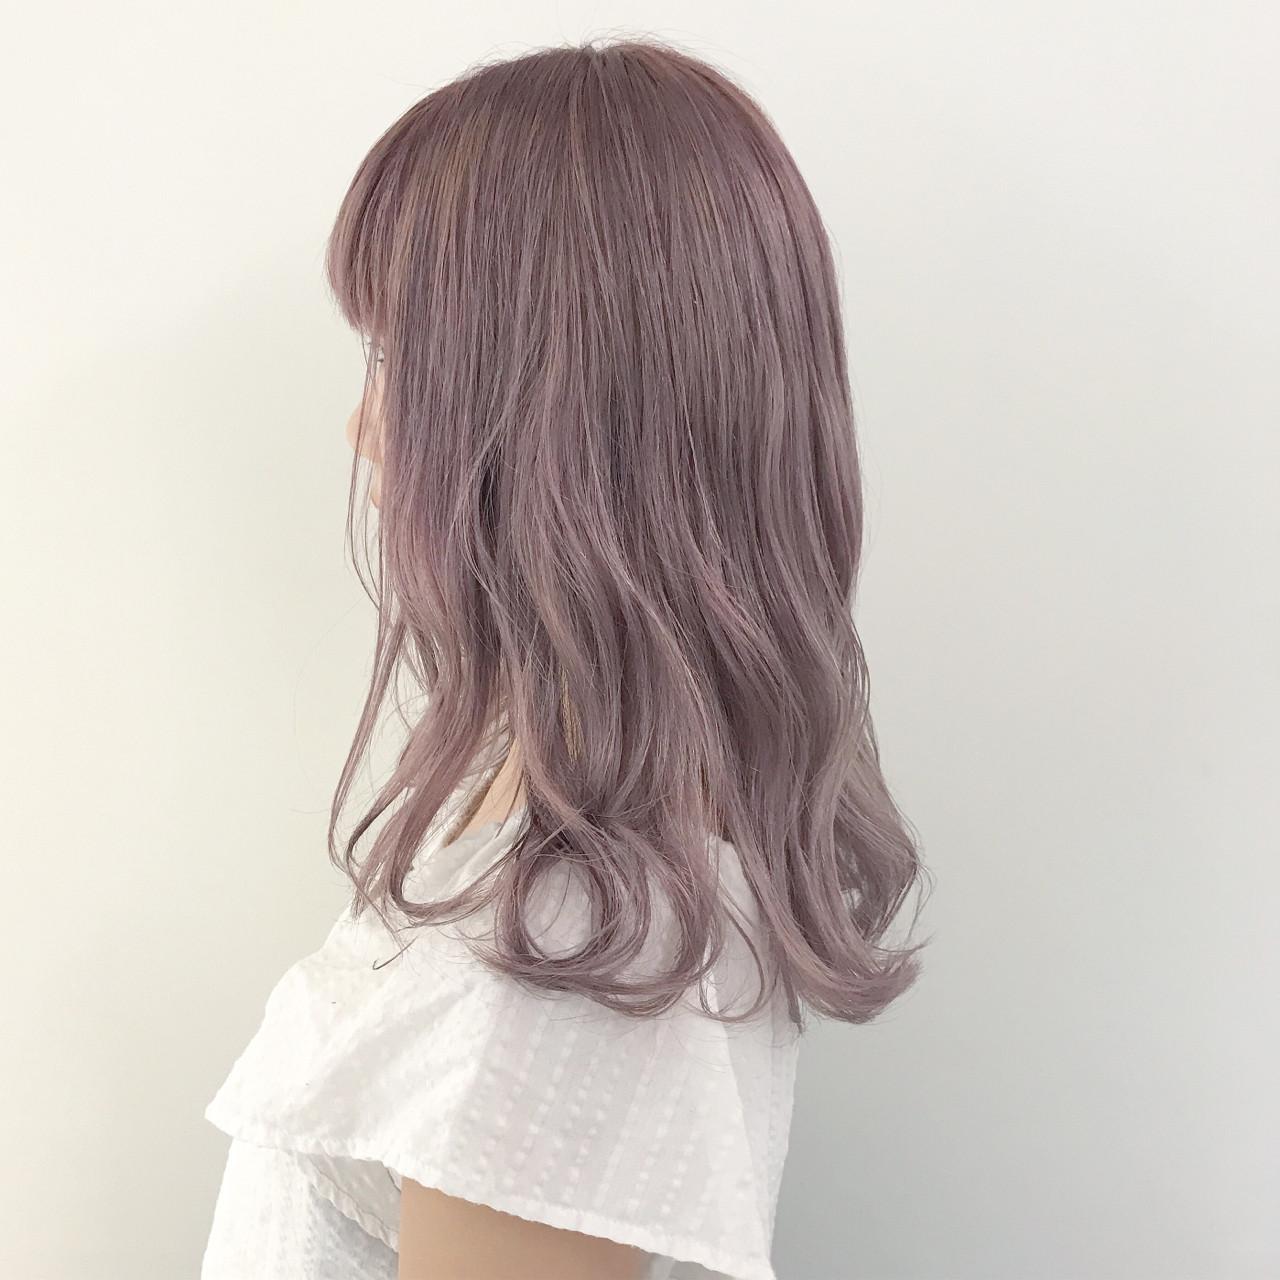 ハロウィン ラベンダーアッシュ ガーリー ラベンダーピンク ヘアスタイルや髪型の写真・画像